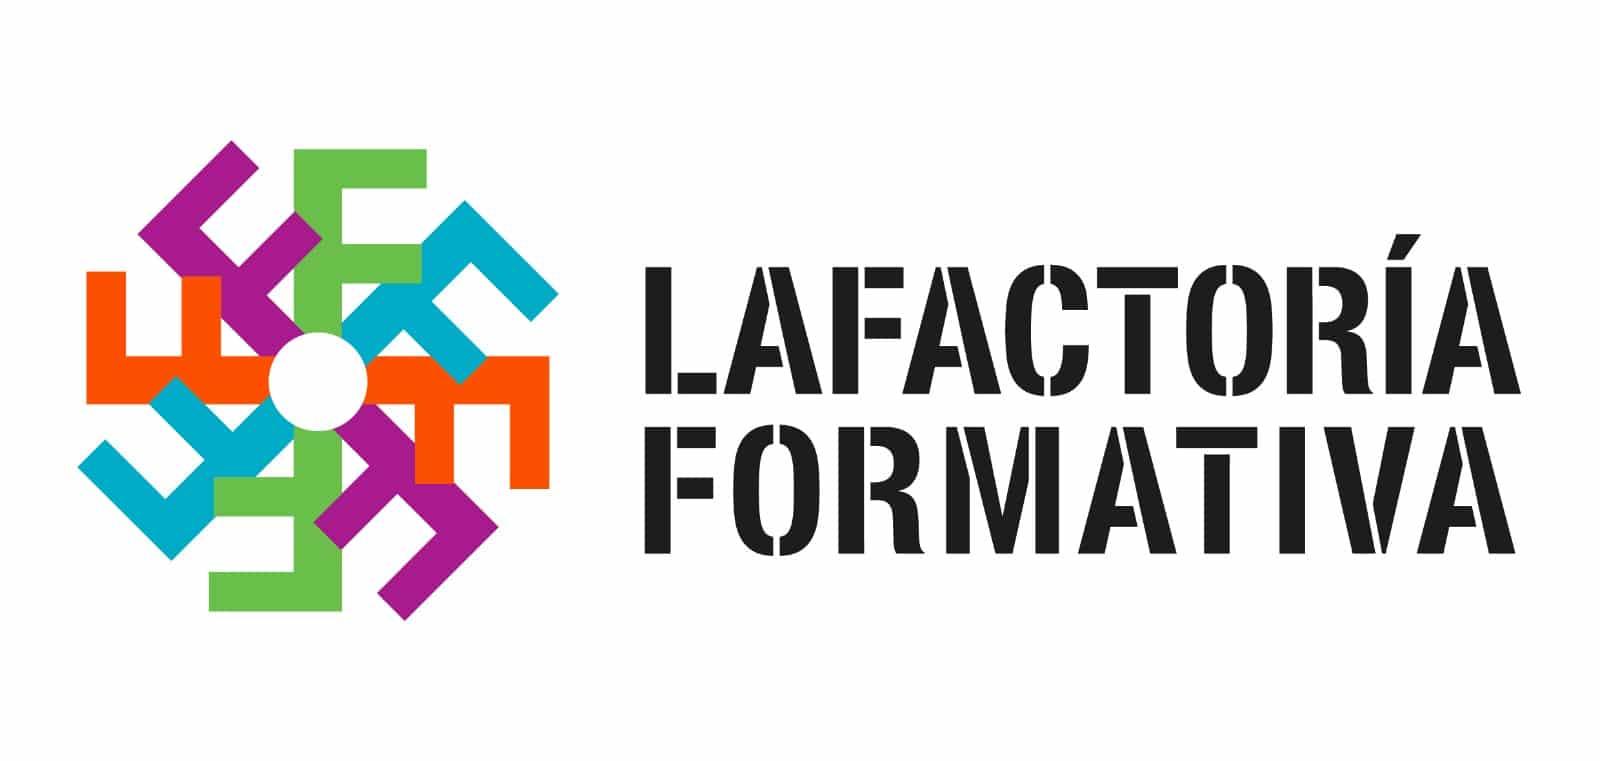 La Factoría Formativa | Academia | Clases de Refuerzo | Altas Capacidades en Córdoba